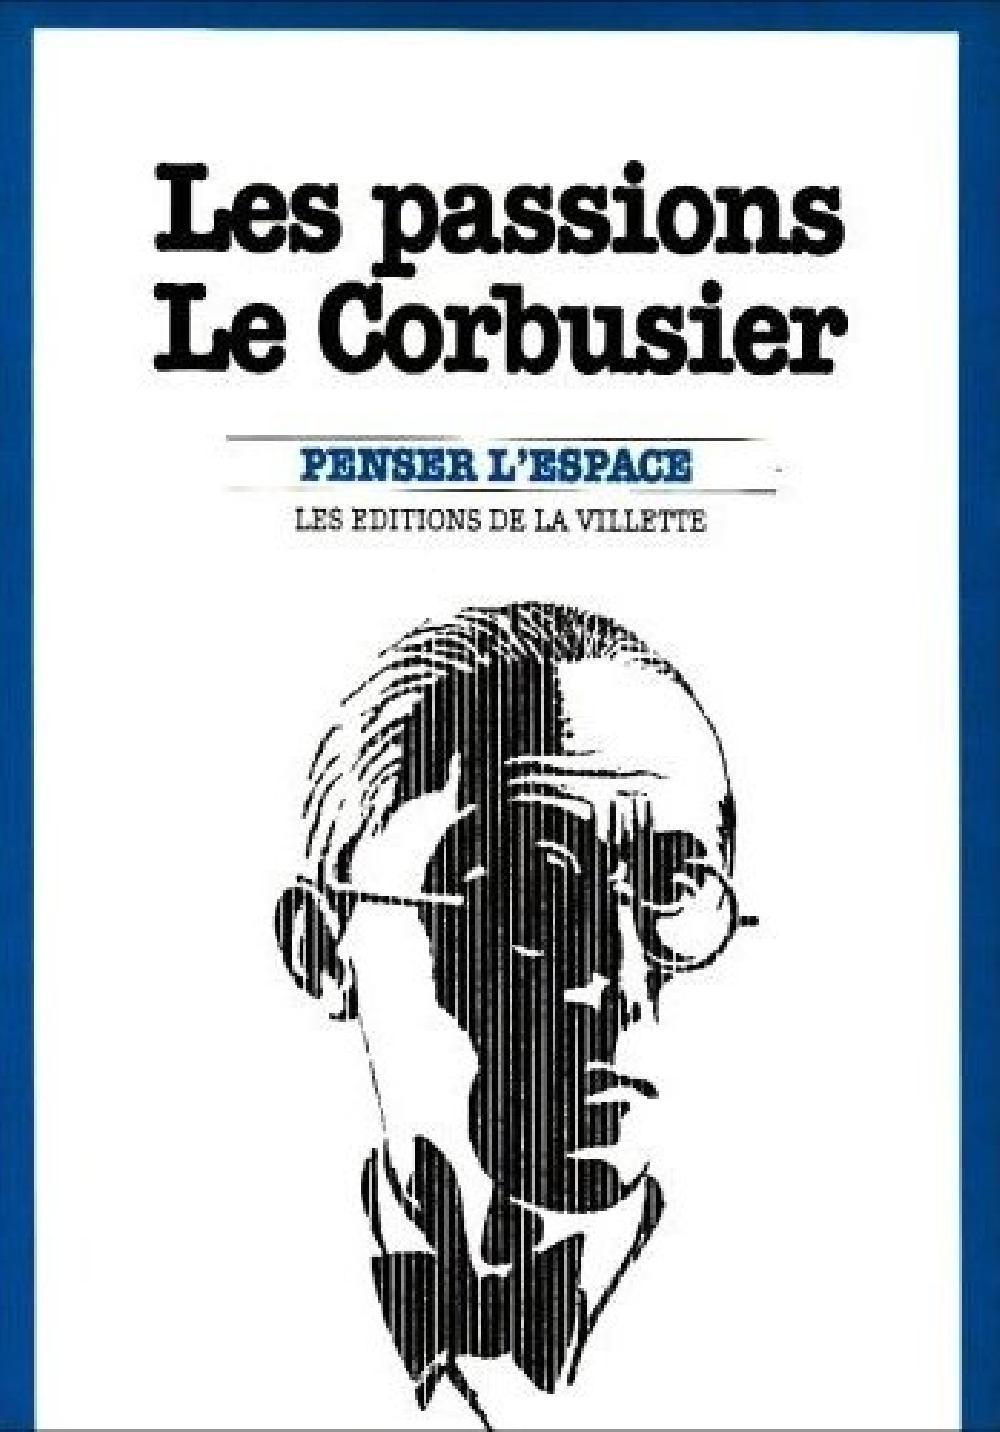 Les passions Le Corbusier